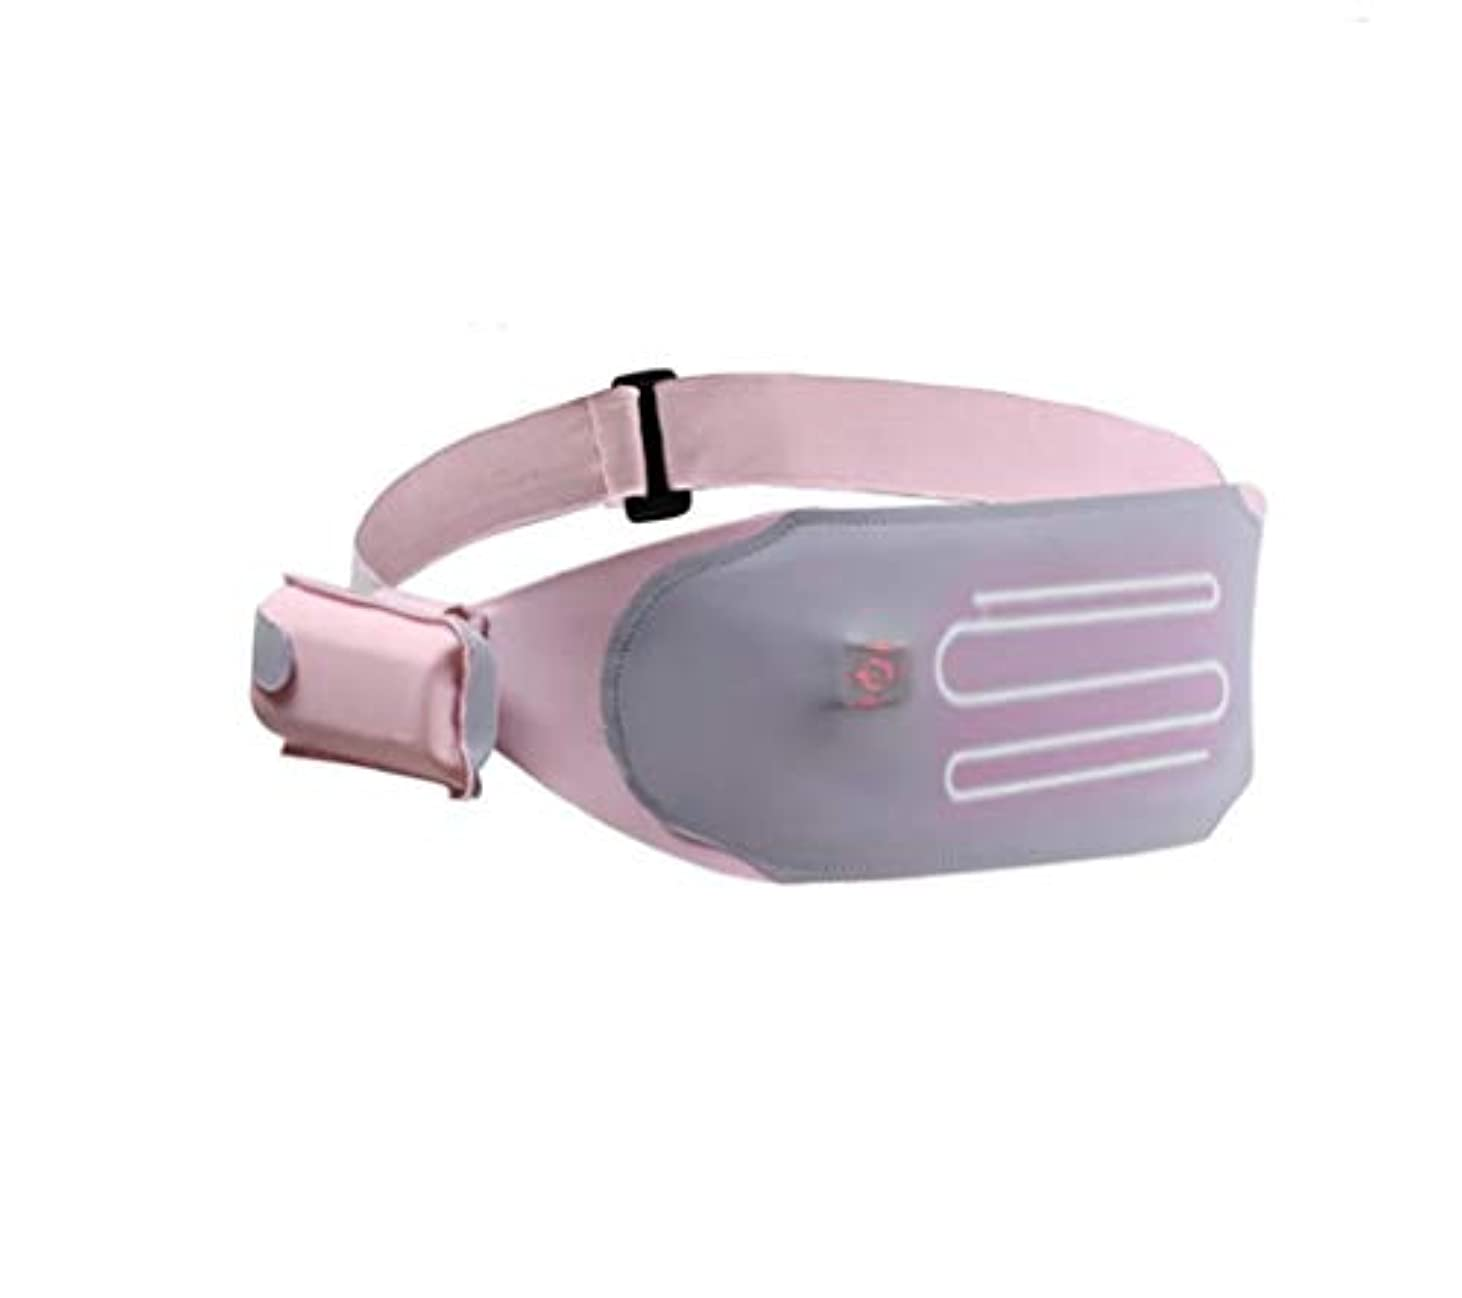 亜熱帯ロシア偽造ウエストマッサージャー、ポータブルベルトサポート、USB充電、加熱、女性の月経困難症を緩和するために調整可能な3つの温度